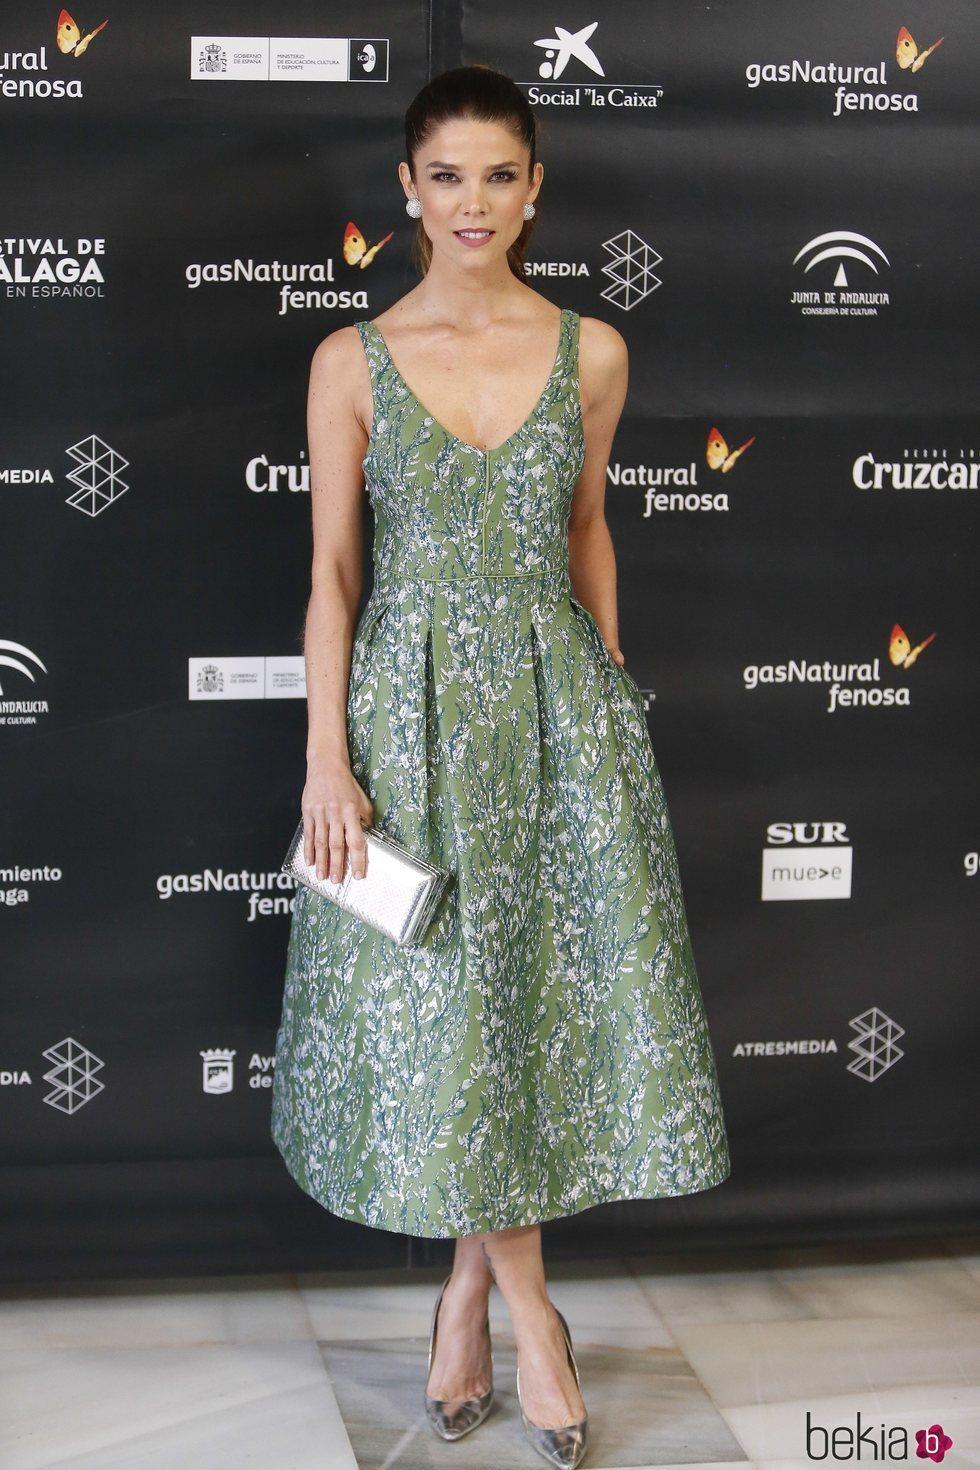 Juana Acosta en la ceremonia de inauguración del Festival de Cine de Málaga 2018